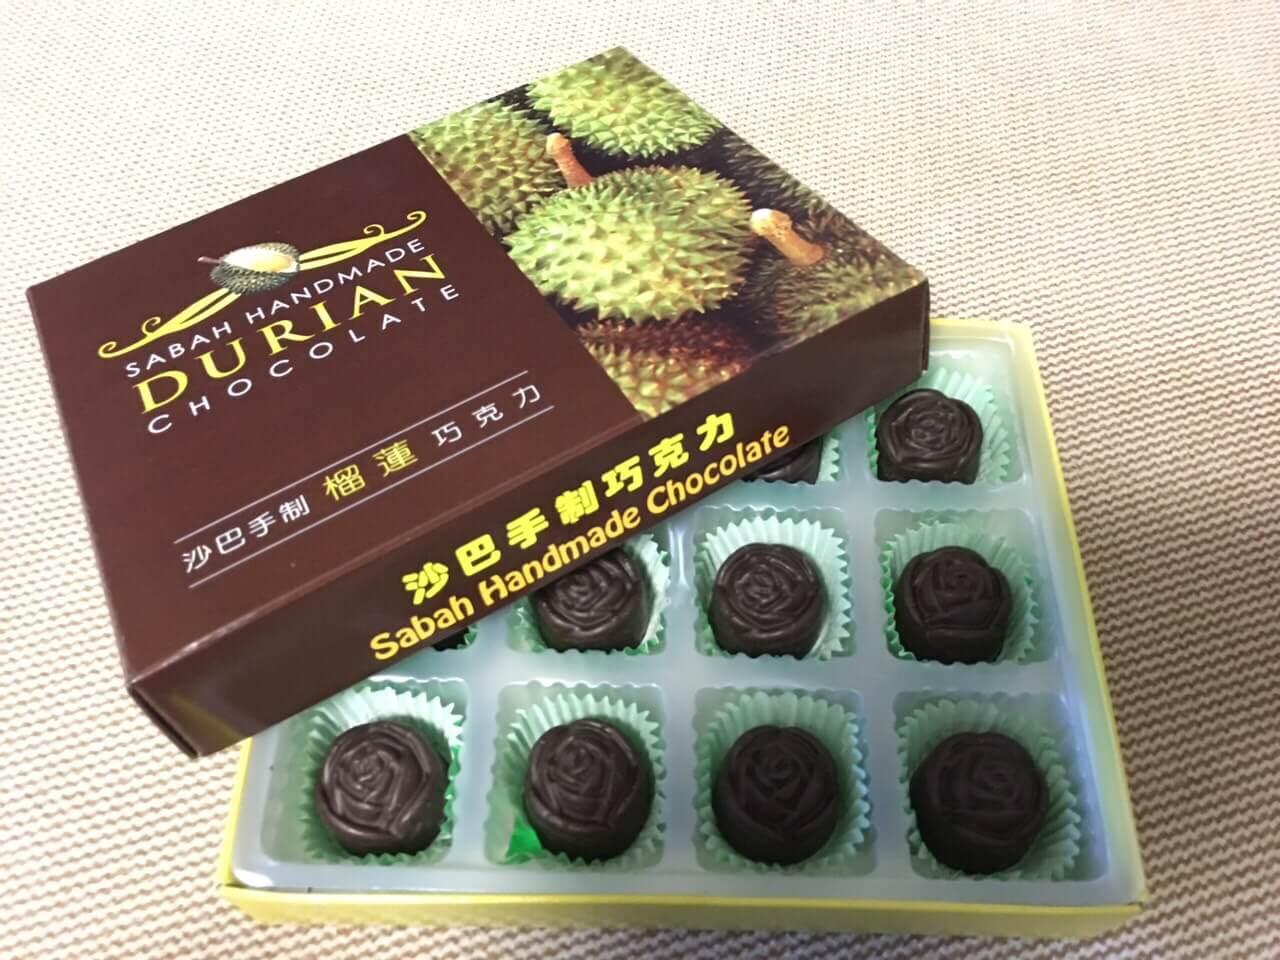 老妈从马来西亚带回来的巧克力!重口味!